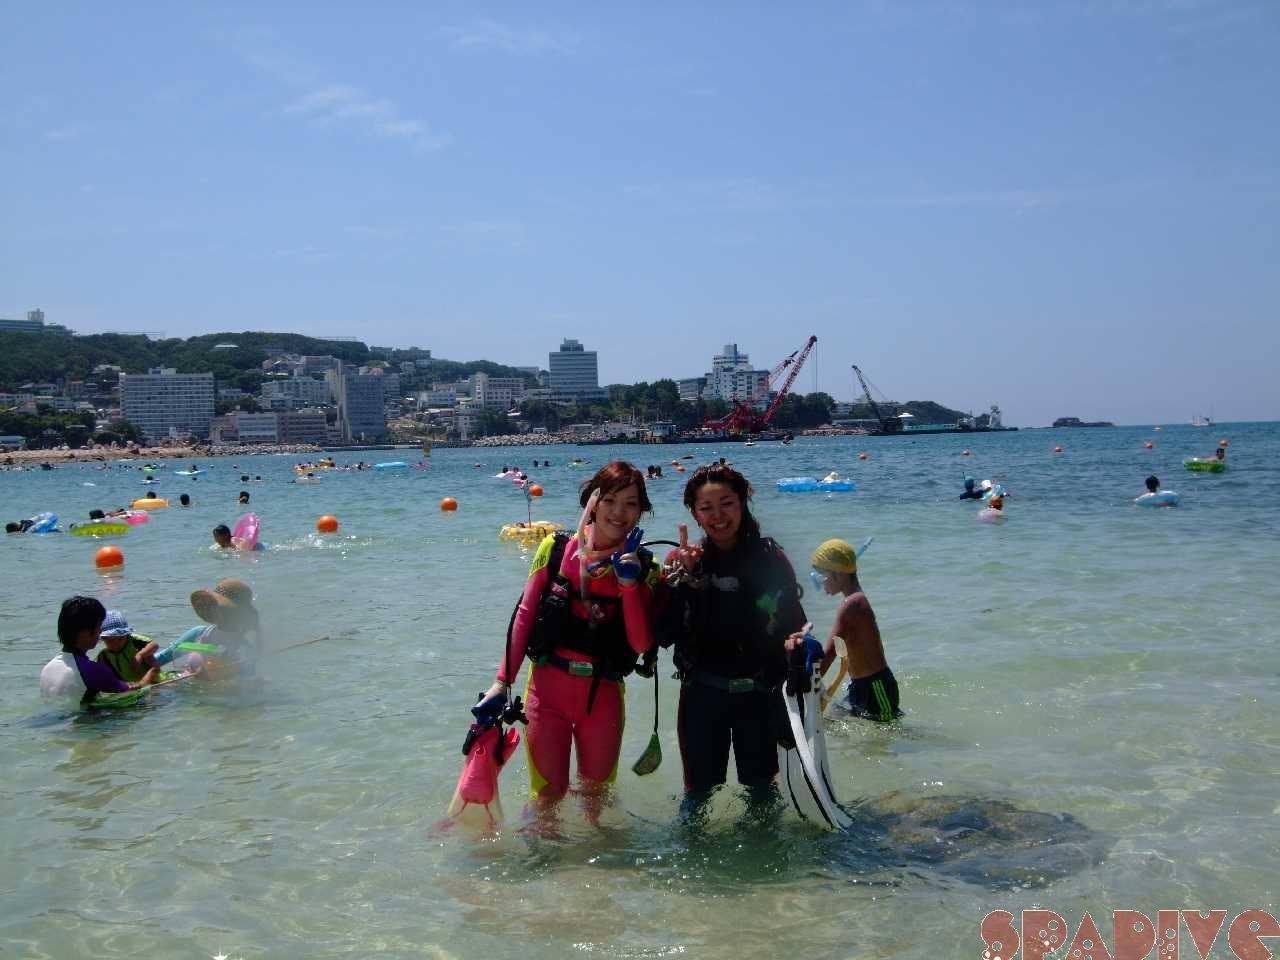 権現崎 体験ダイビング|8/10/2011南紀白浜海情報